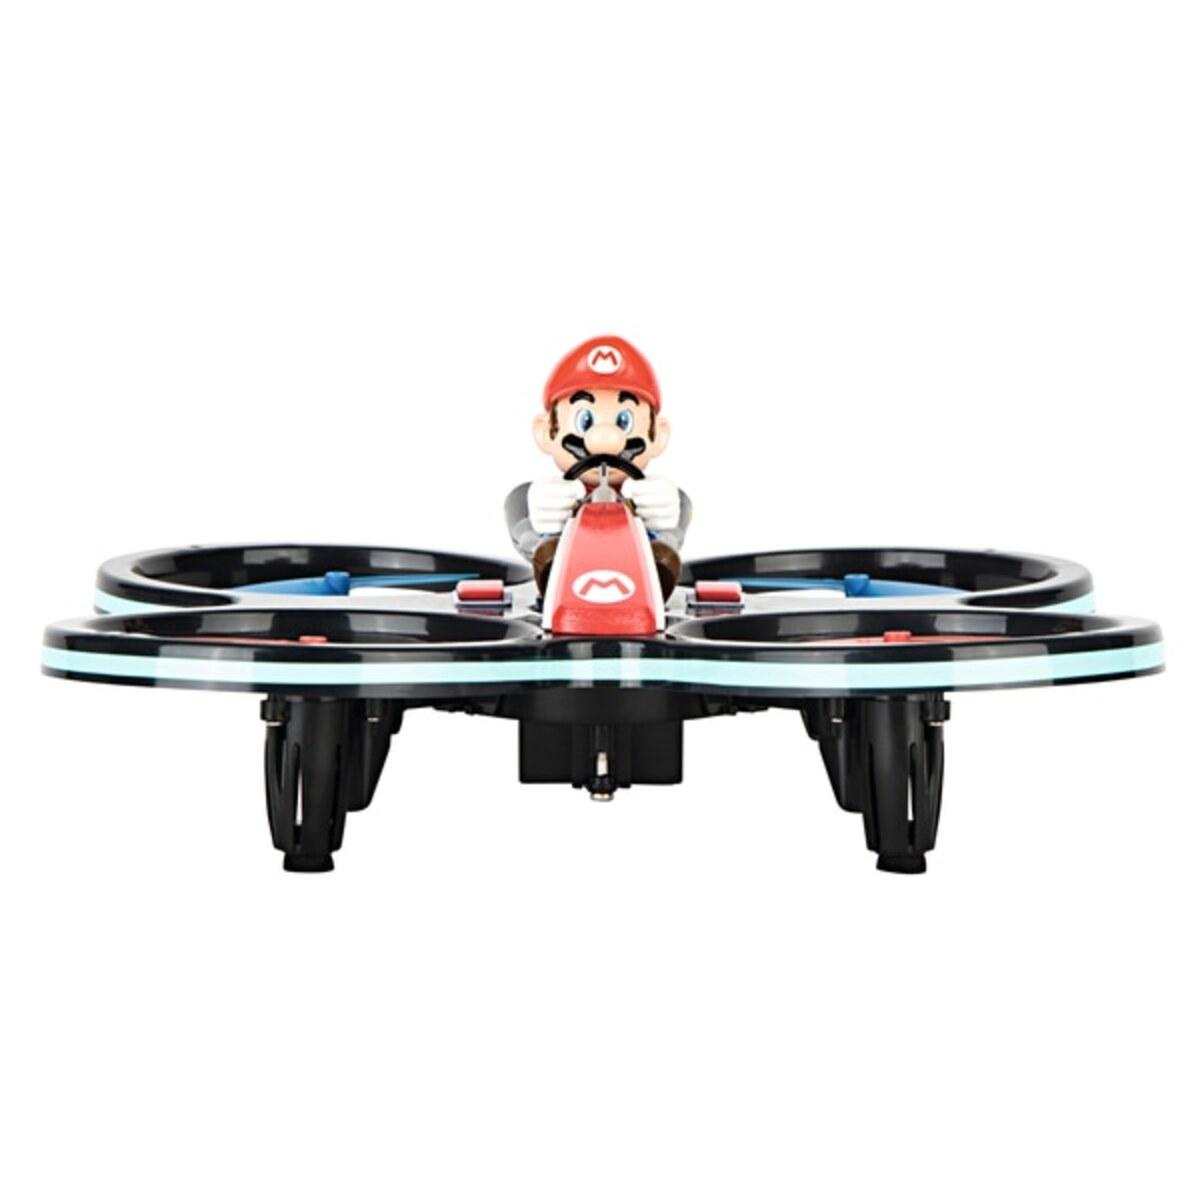 Bild 3 von Carrera RC - Mini Mario-Copter